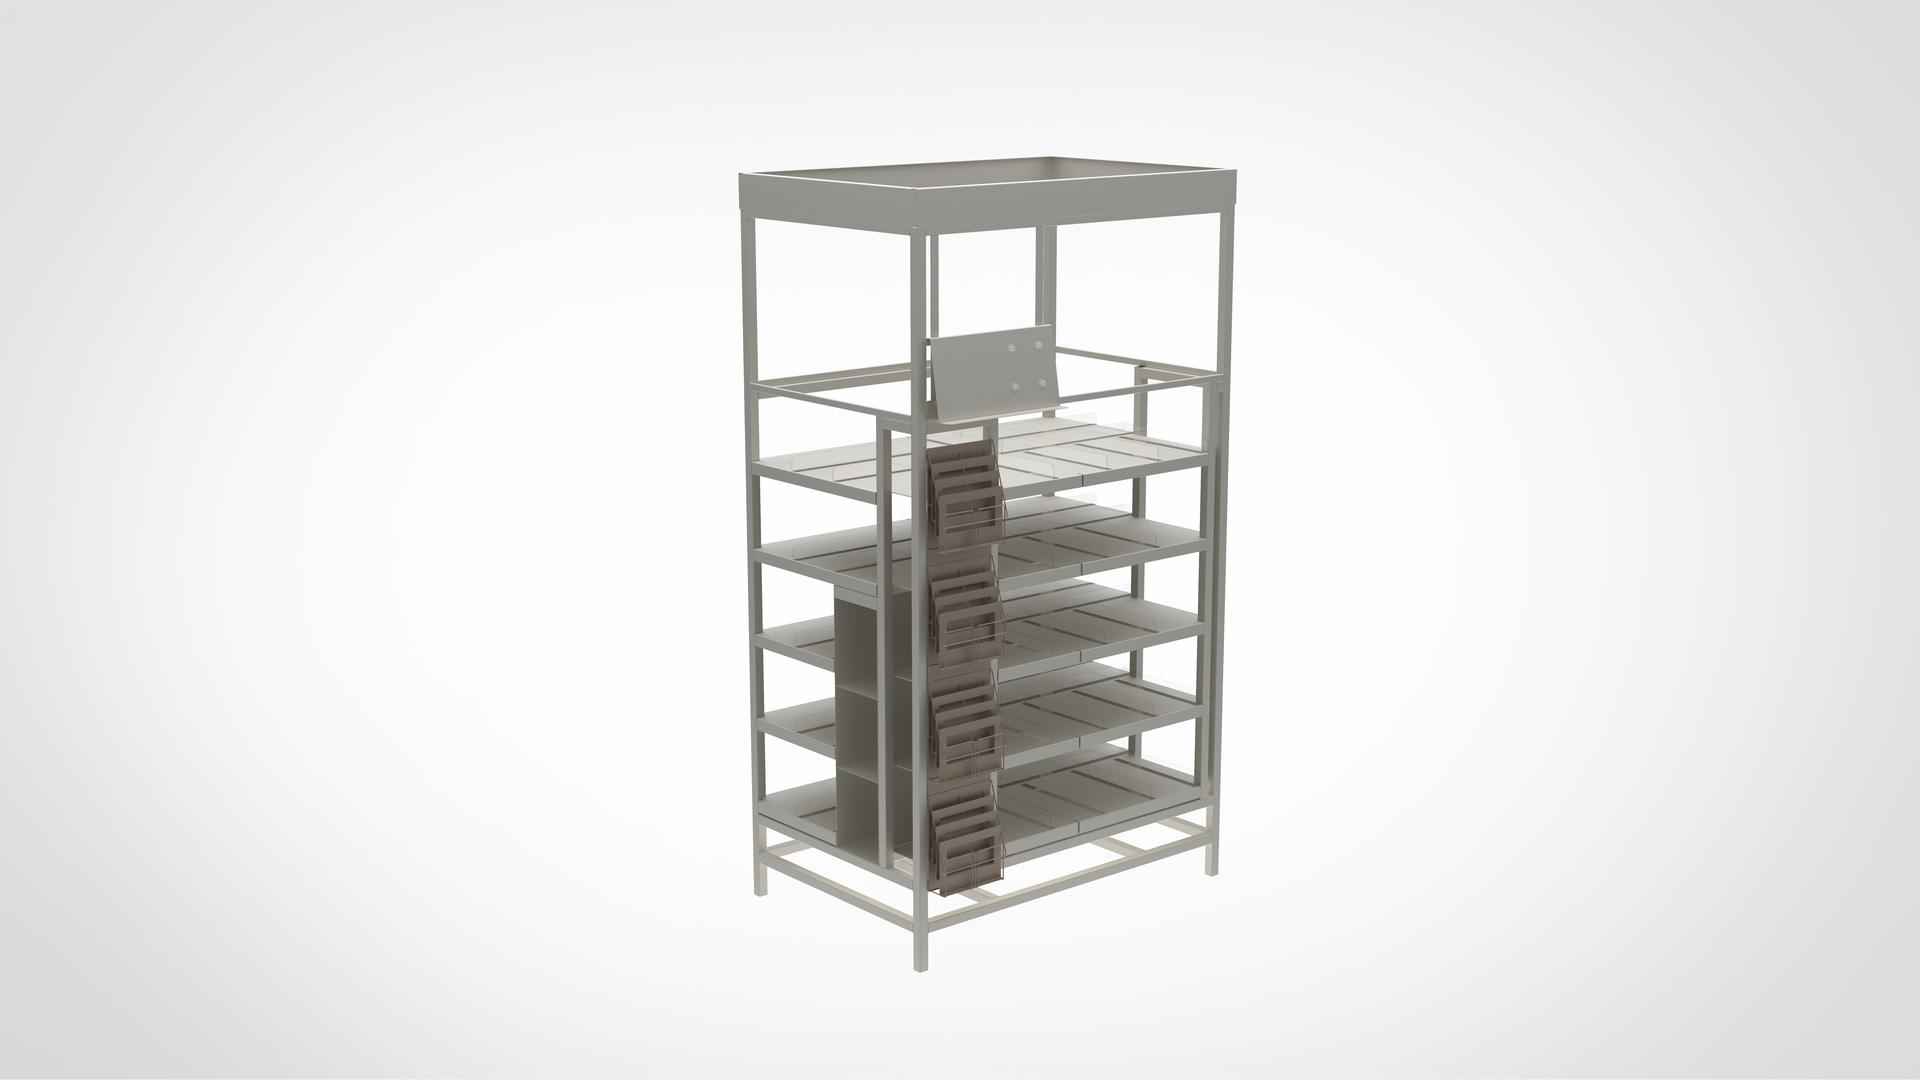 verkaufsstand rollbar palettentisch bauen 5 einfache aber coole diy varianten ideen. Black Bedroom Furniture Sets. Home Design Ideas